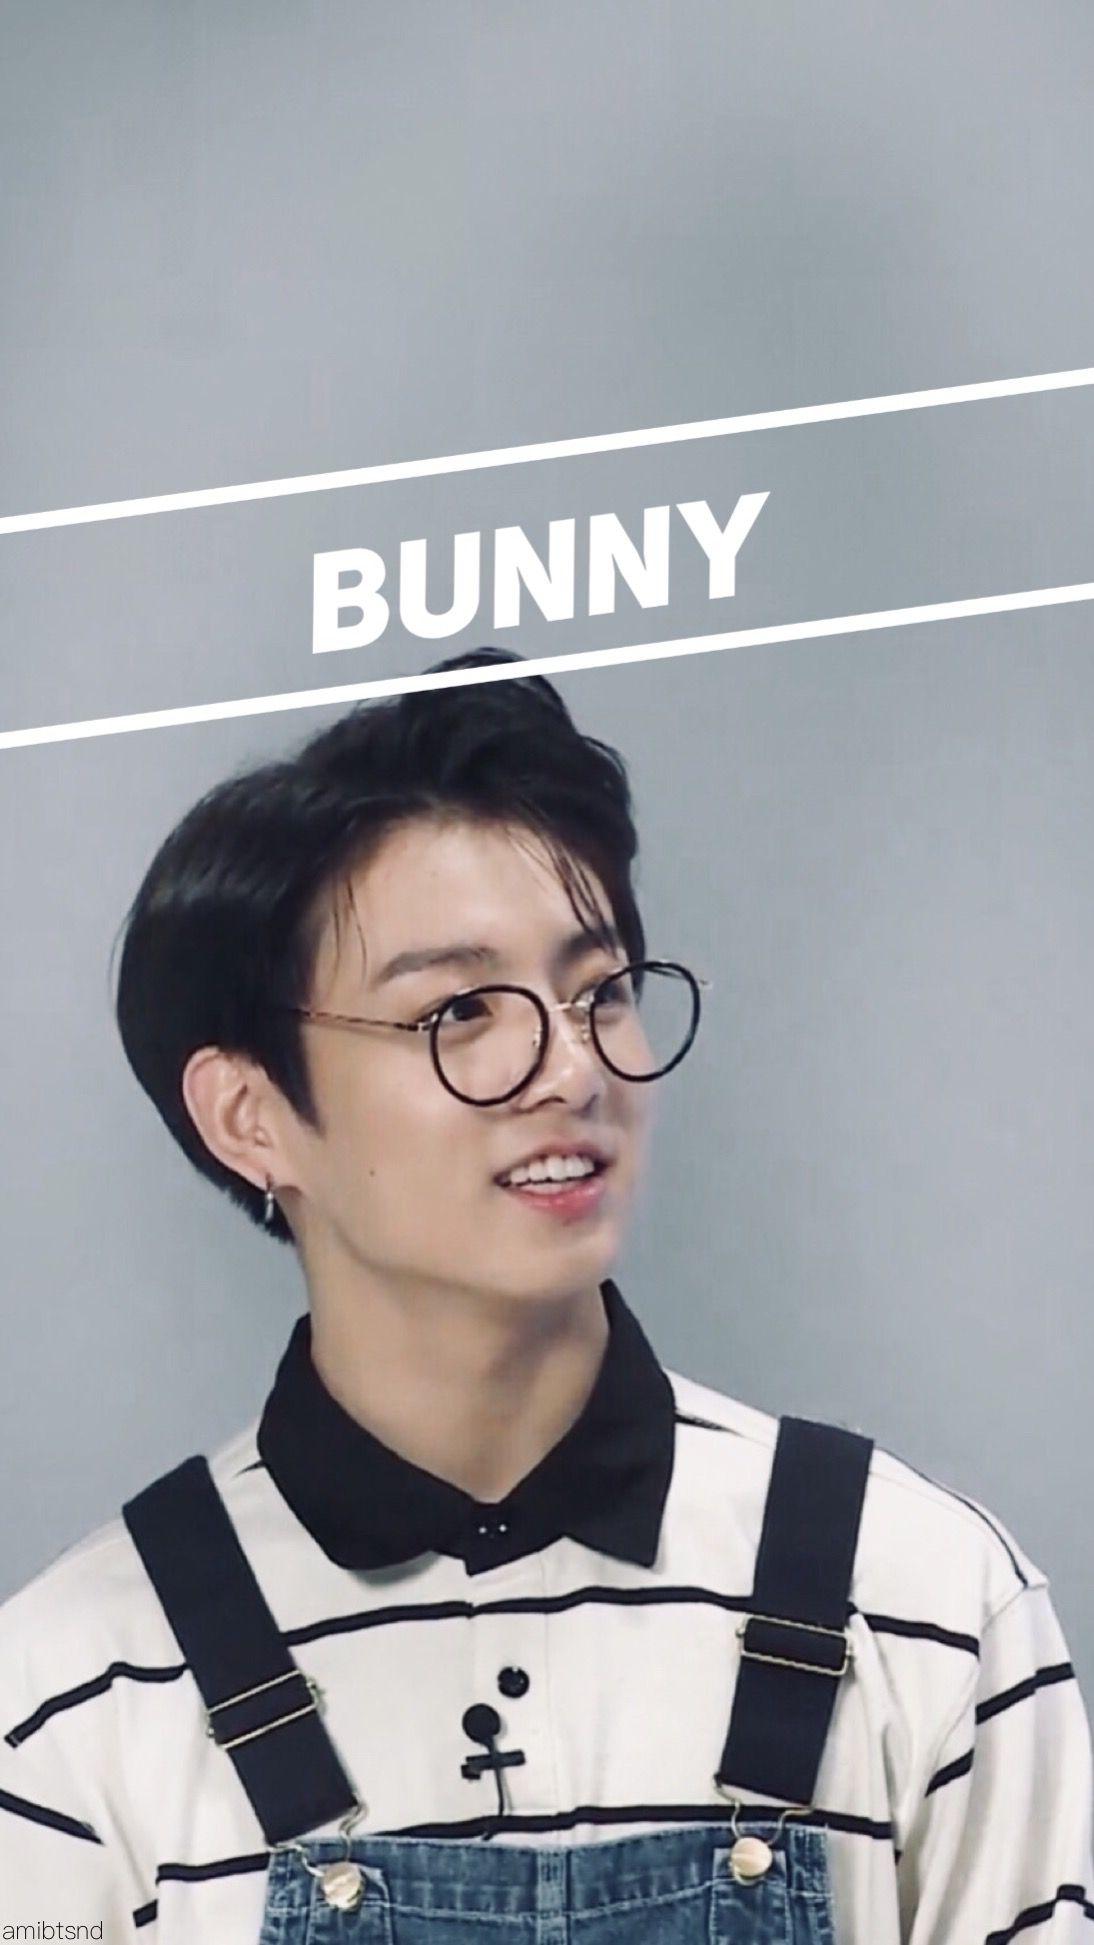 Ảnh Joongkook cute dễ thương